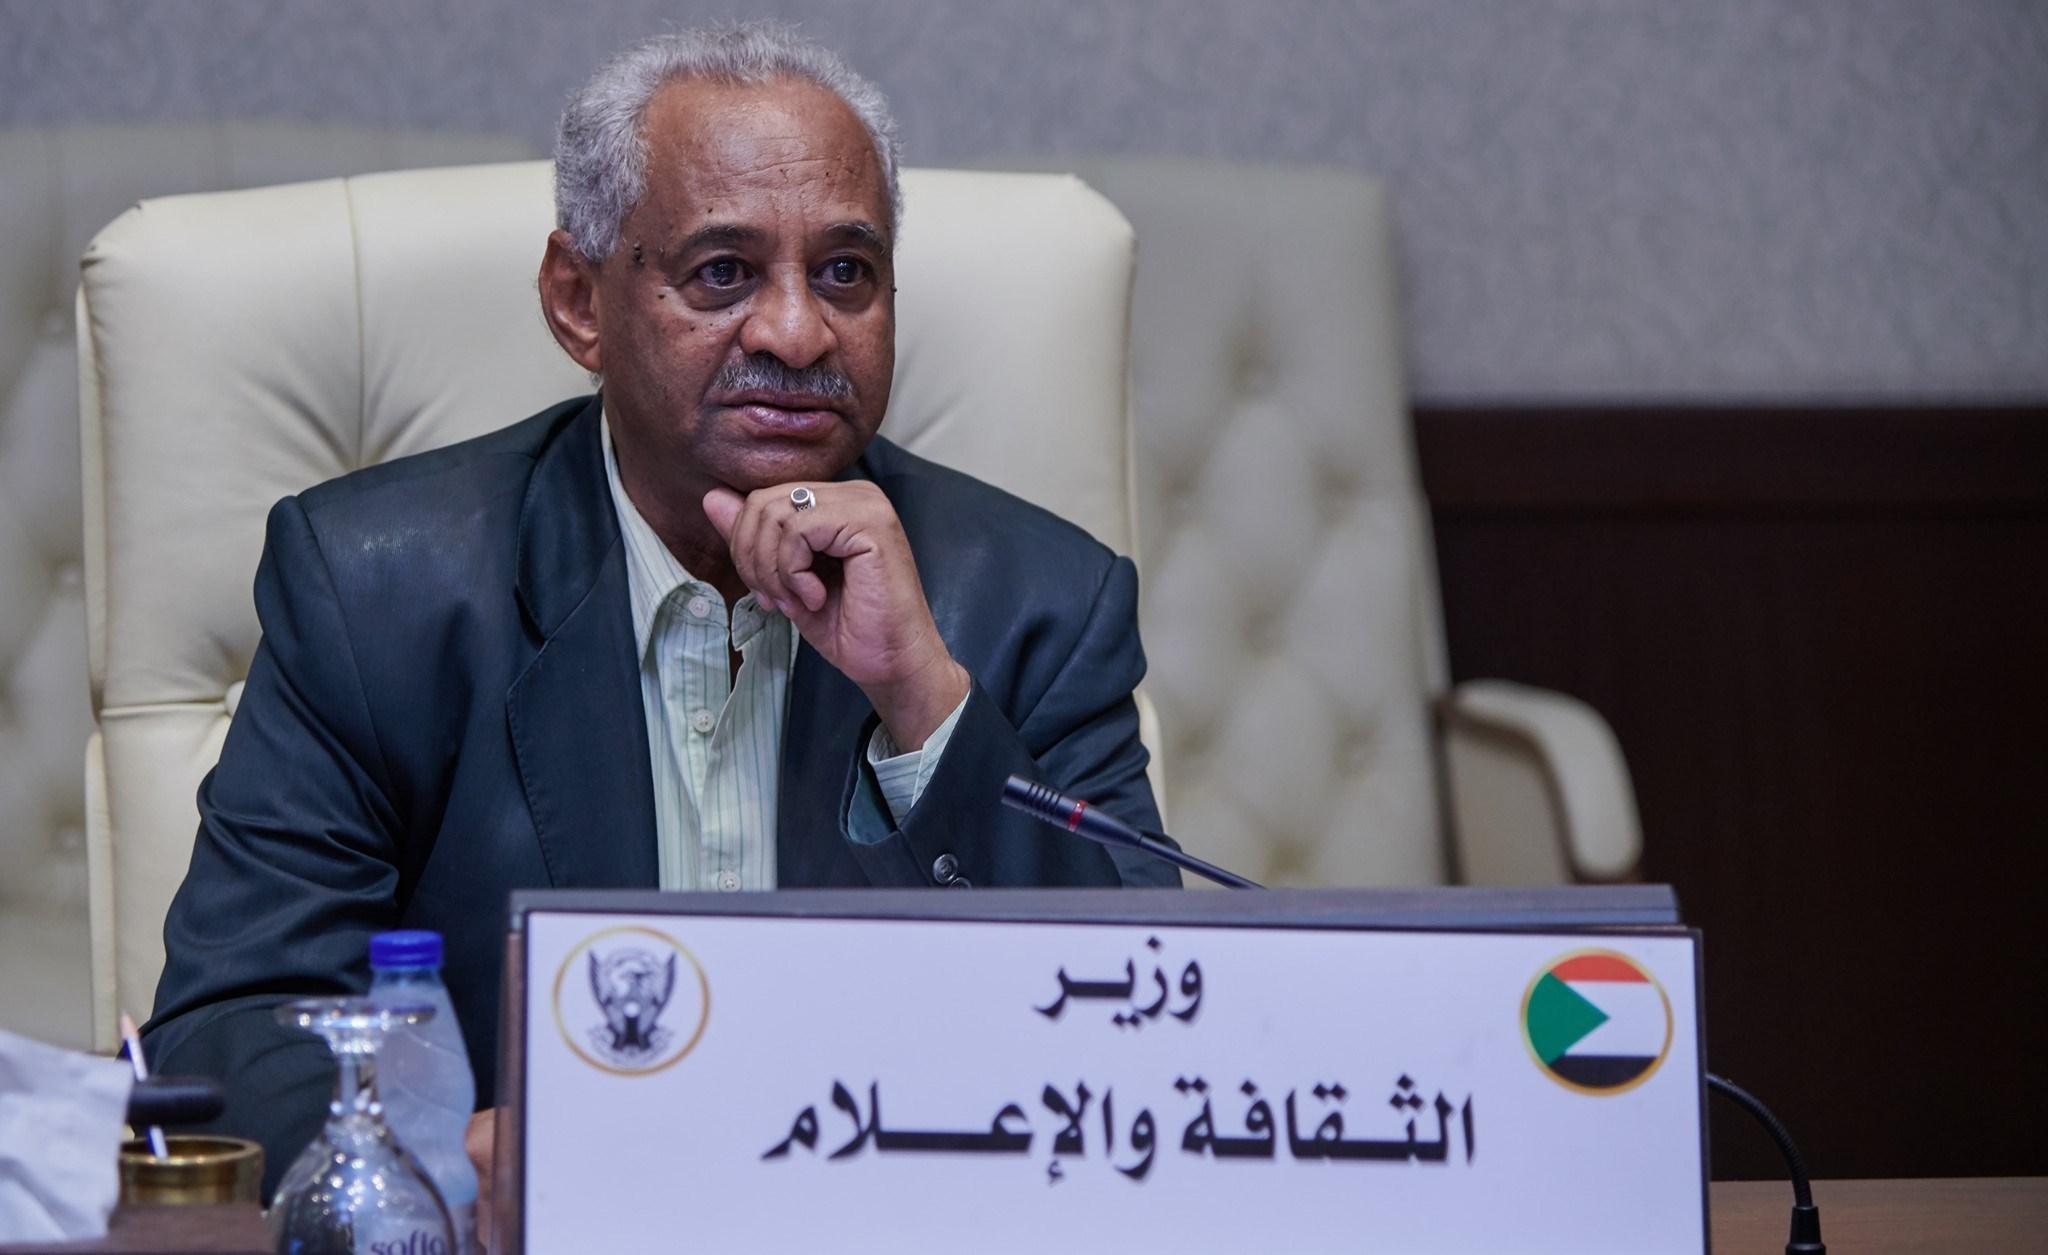 وزير الإعلام السوداني فيصل محمد صالح (صورة أرشيفية).